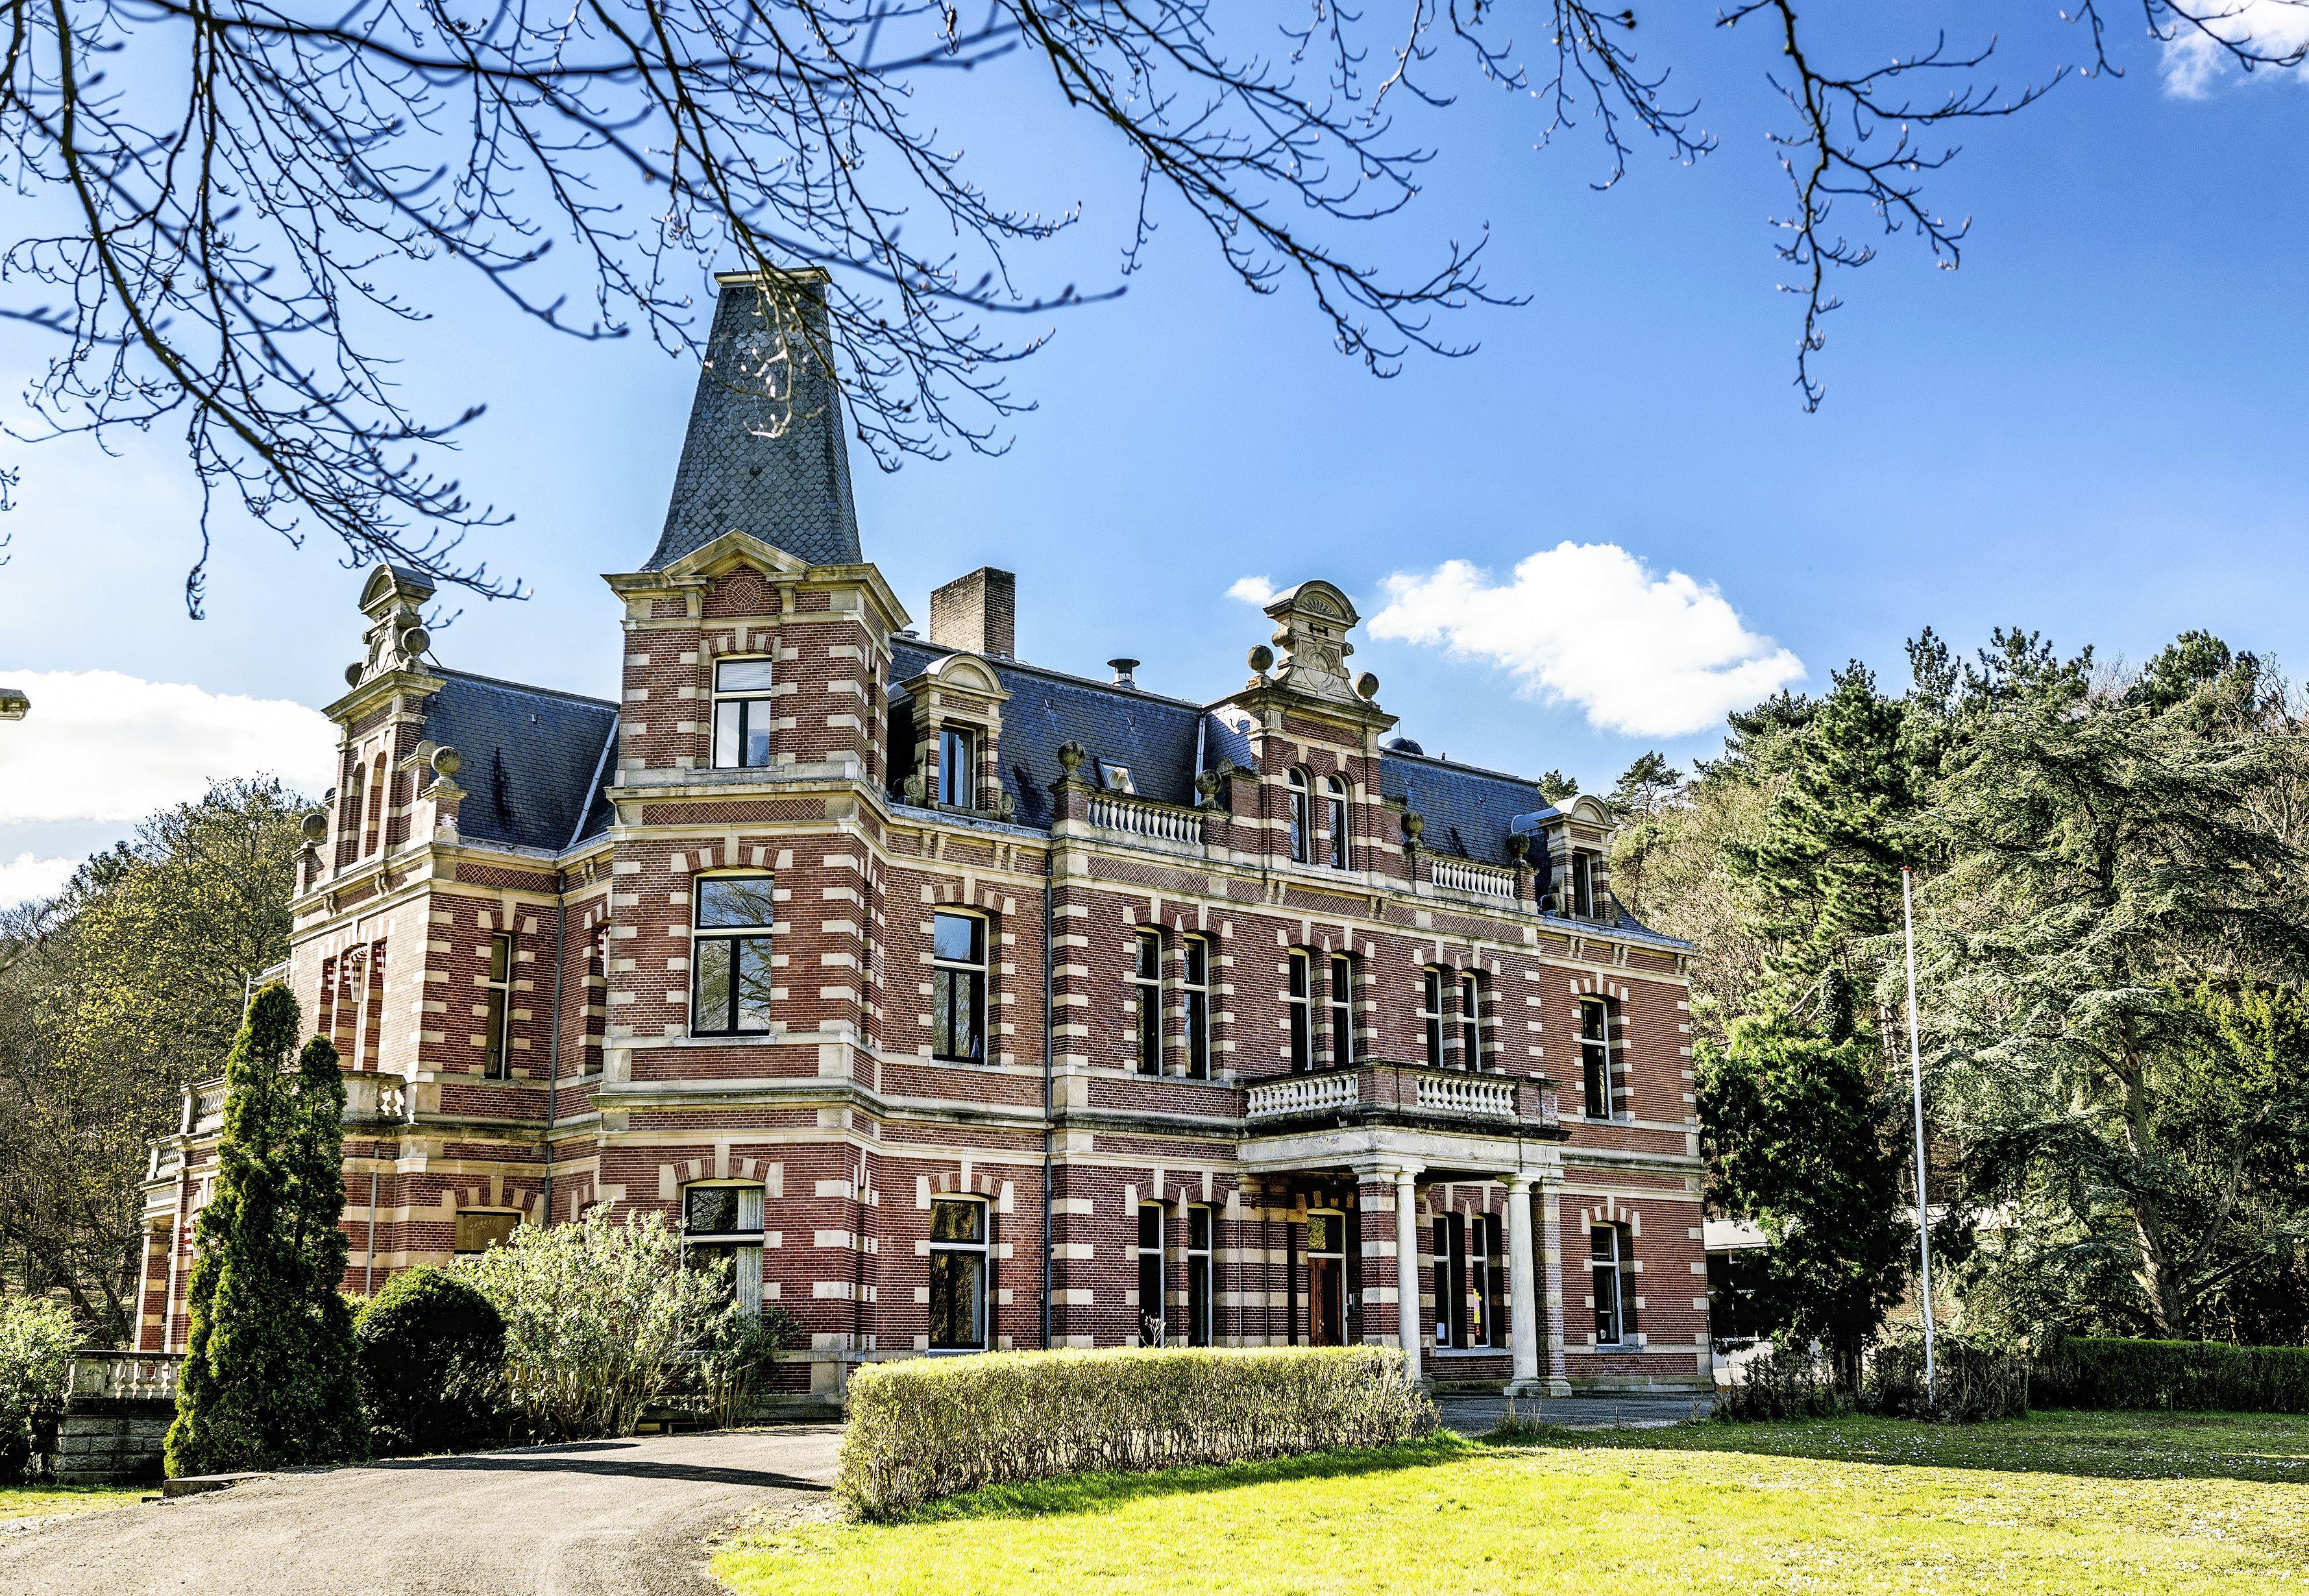 Landgoederen in Bloemendaal: mag je die splitsen voor dubbele bewoning? 'Het koetshuis op Elswout staat al leeg sinds het jaar kruik. Daar kan ook een gezin wonen'